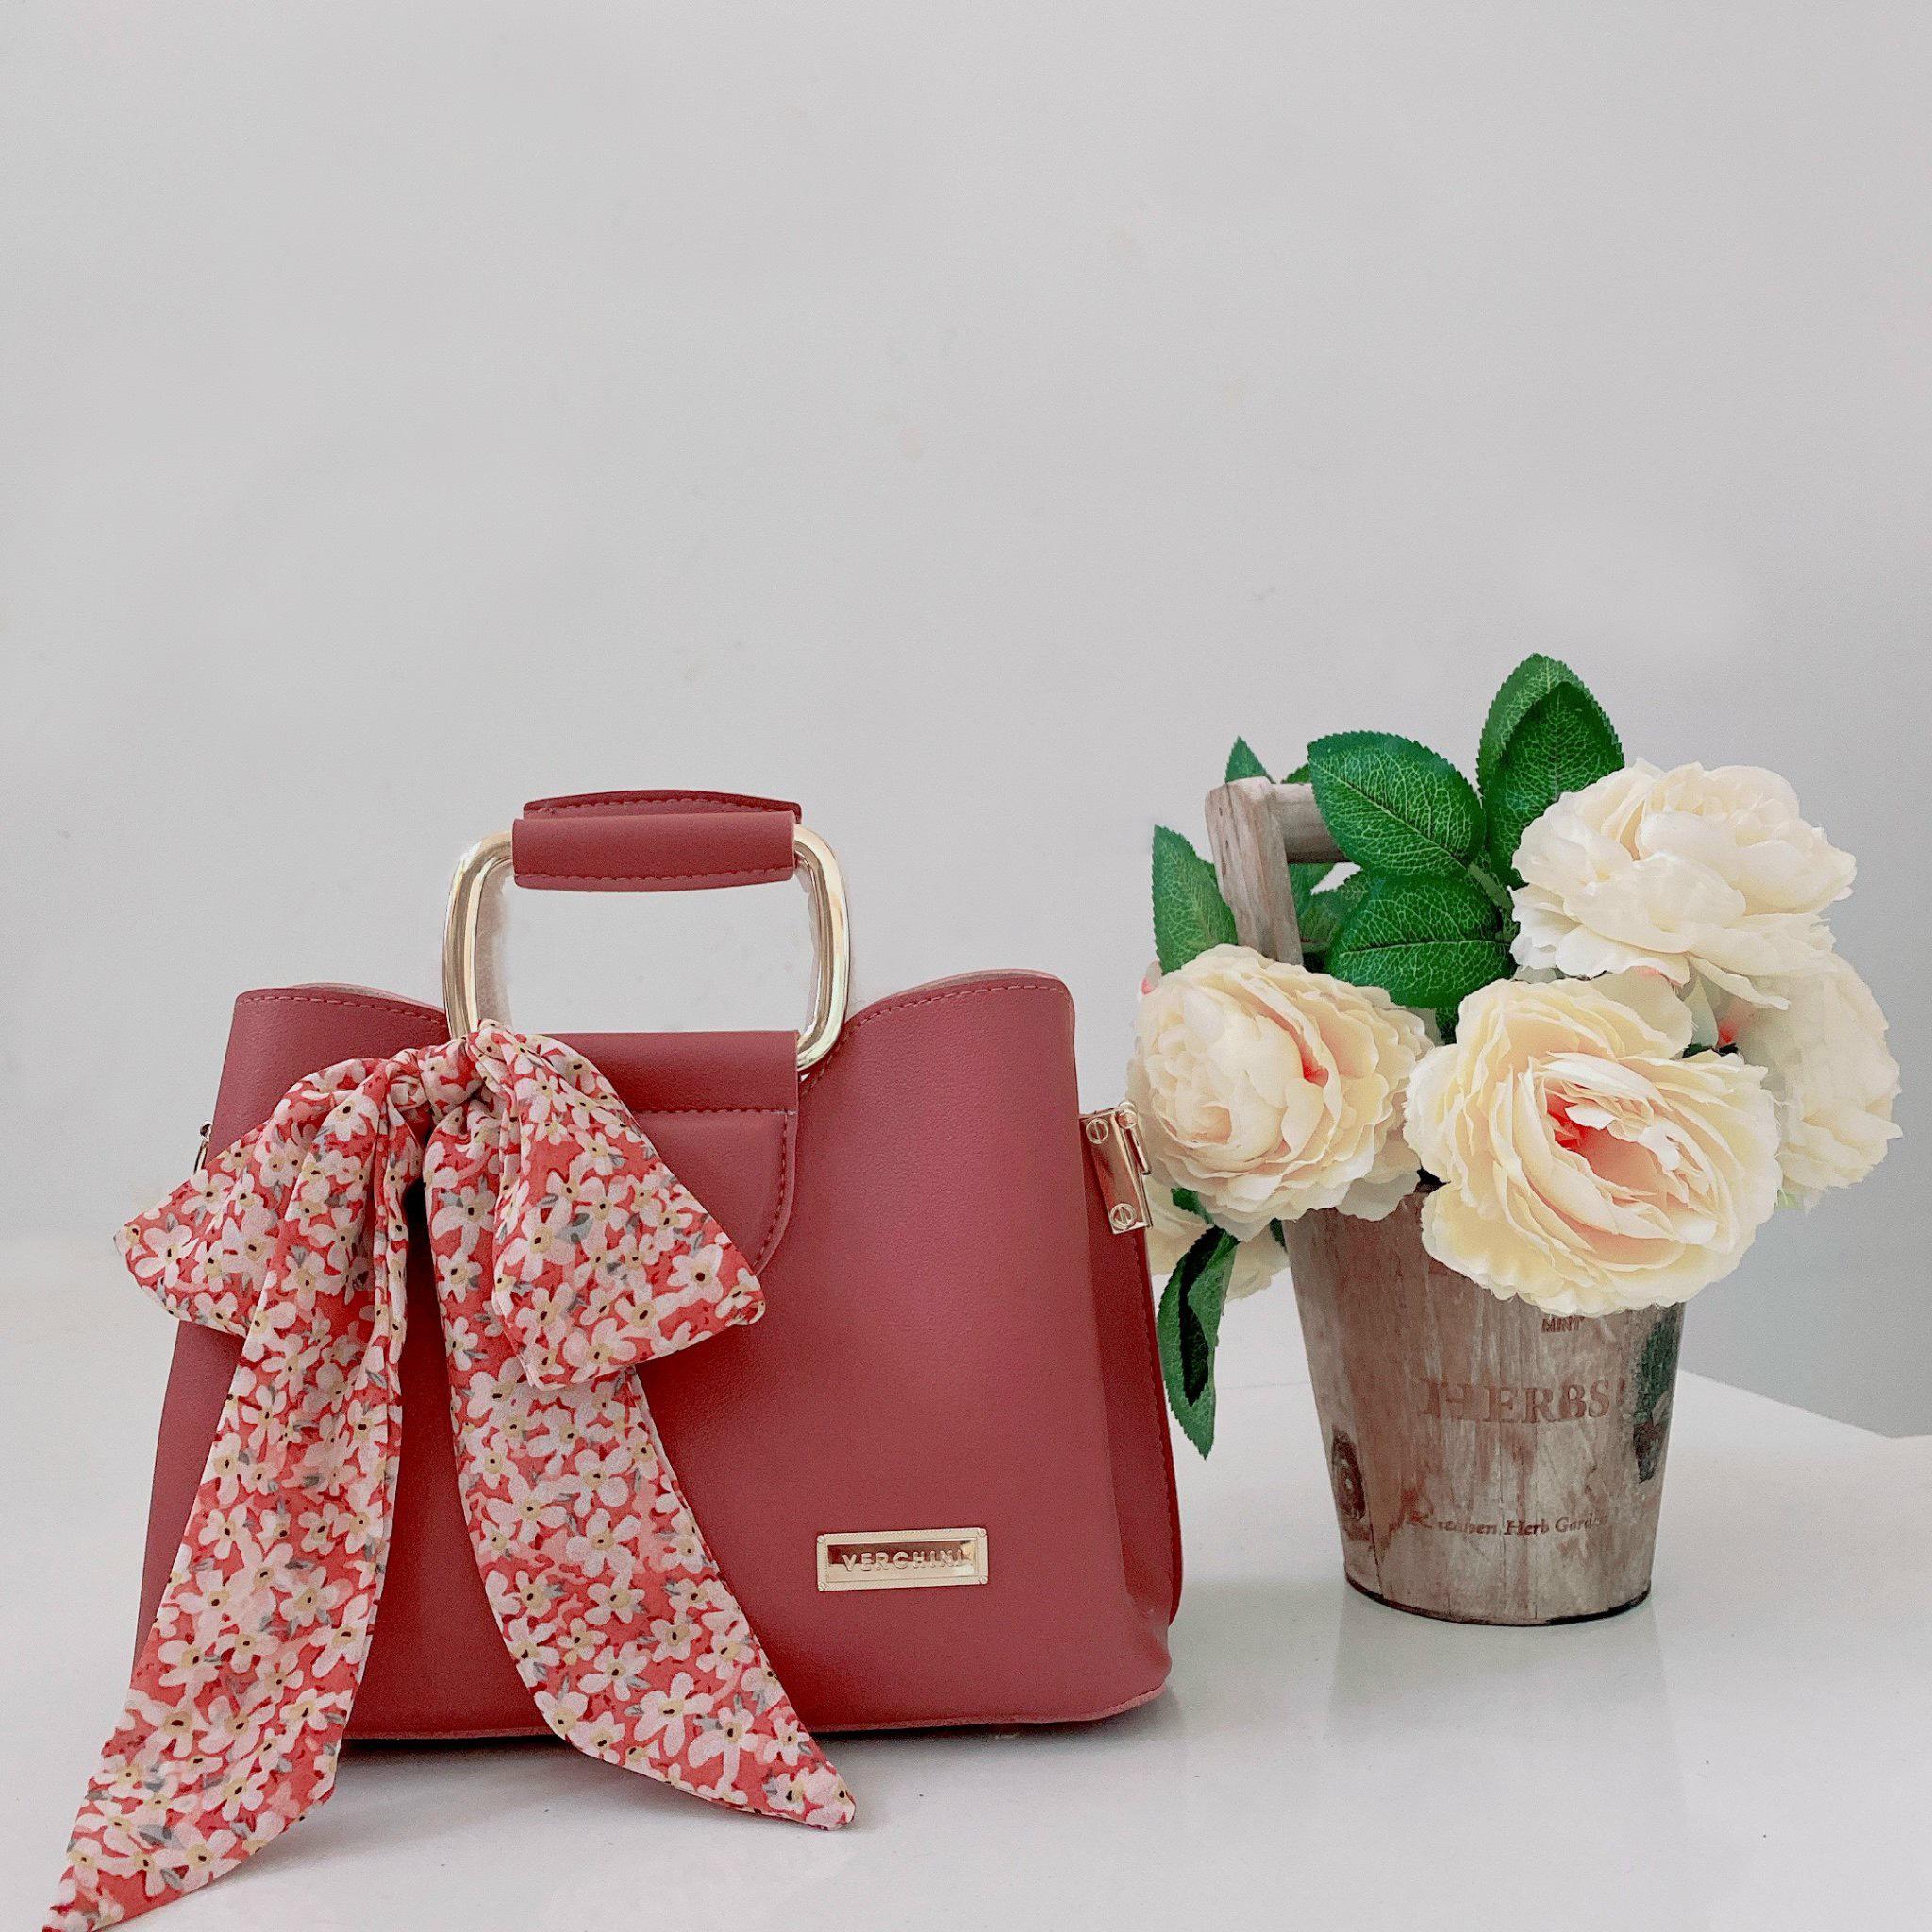 Túi xách thời trang Verchini ba ngăn